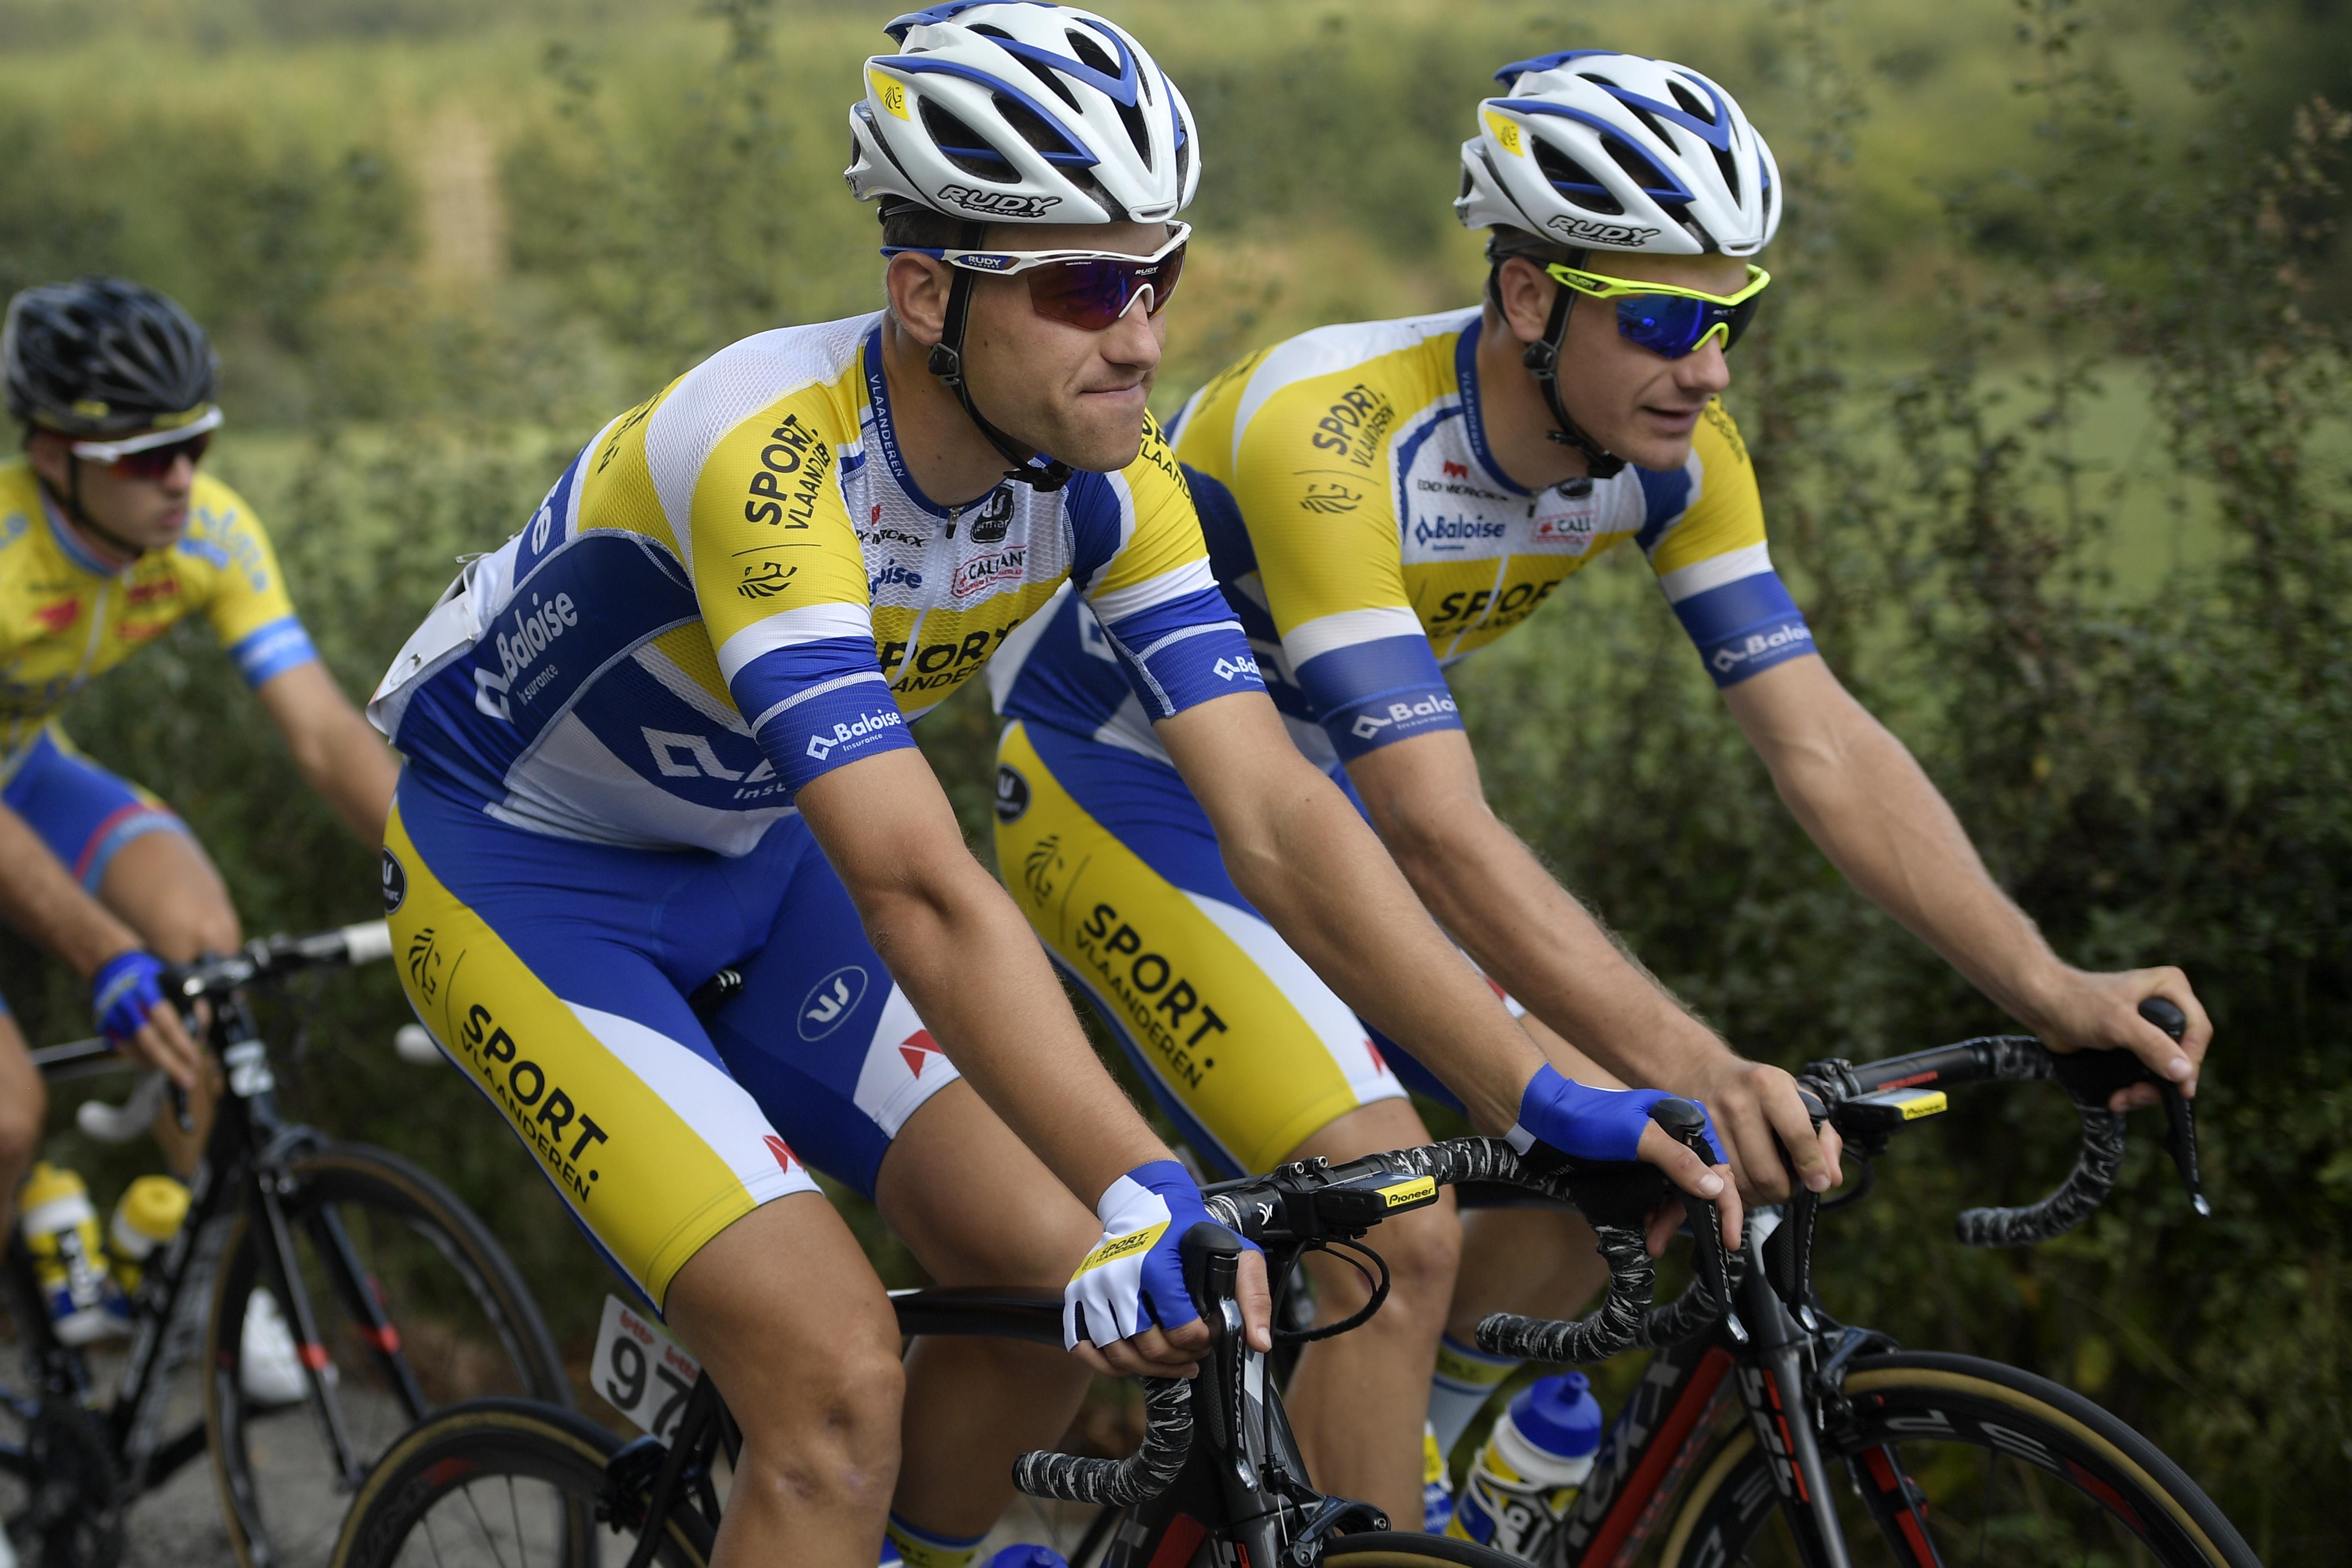 Kiderült a Tour de Hongrie tizedik induló csapatának neve is